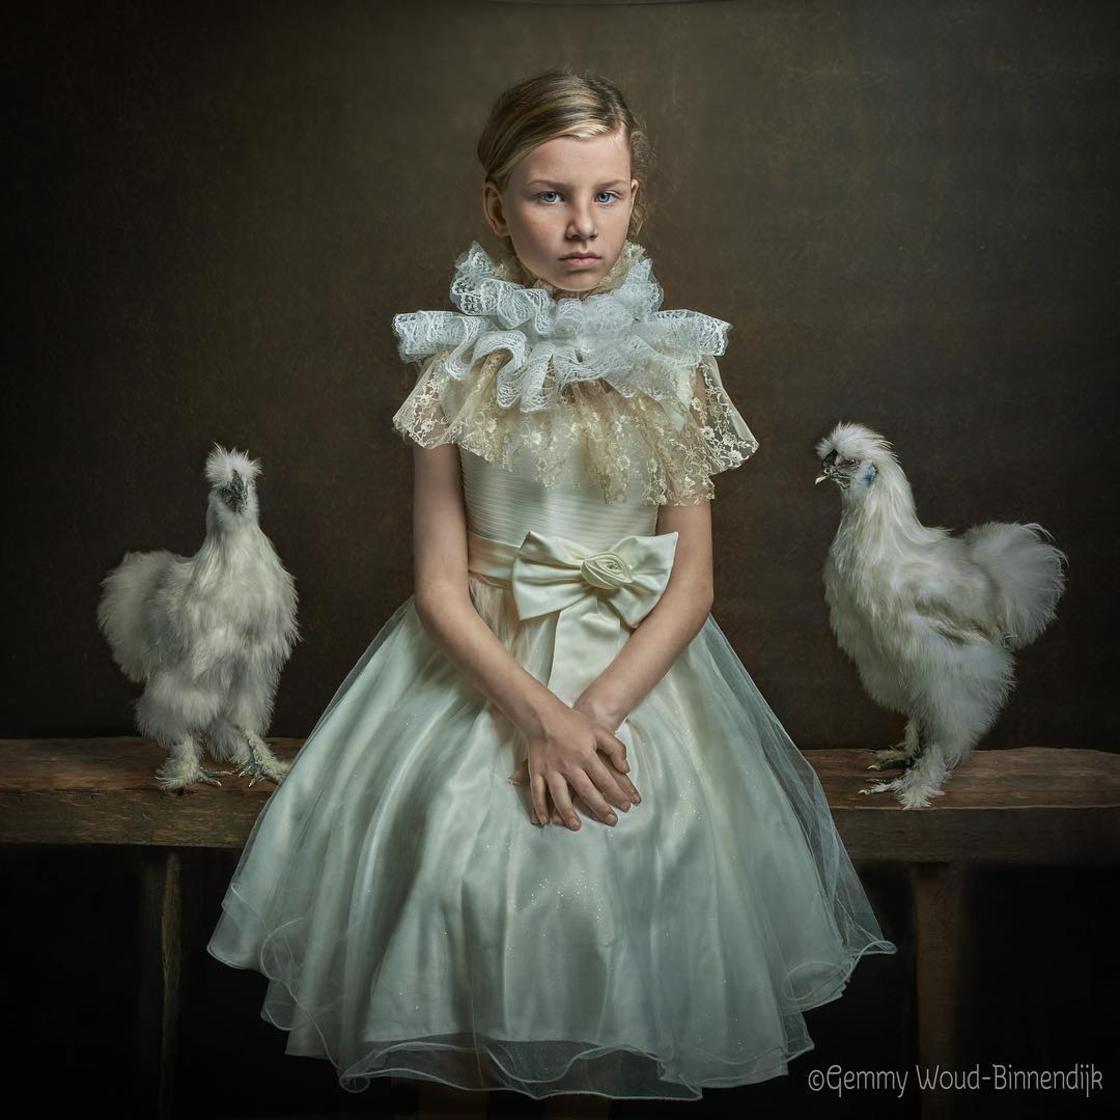 gemmy-woud-binnendijk-kid-portraits-6.jpg